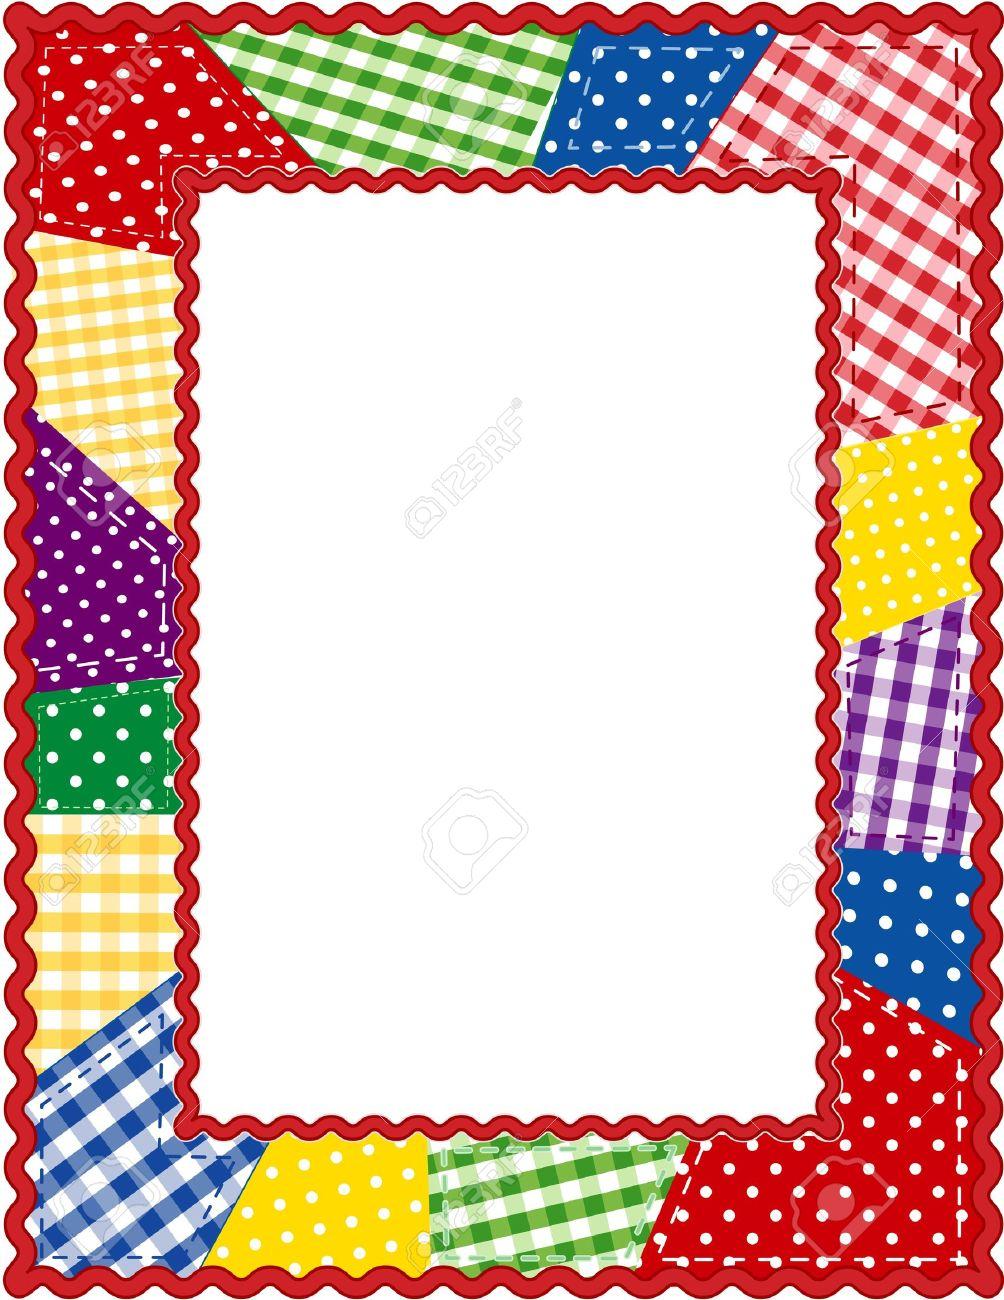 Patchwork Quilt Frame - 13211721